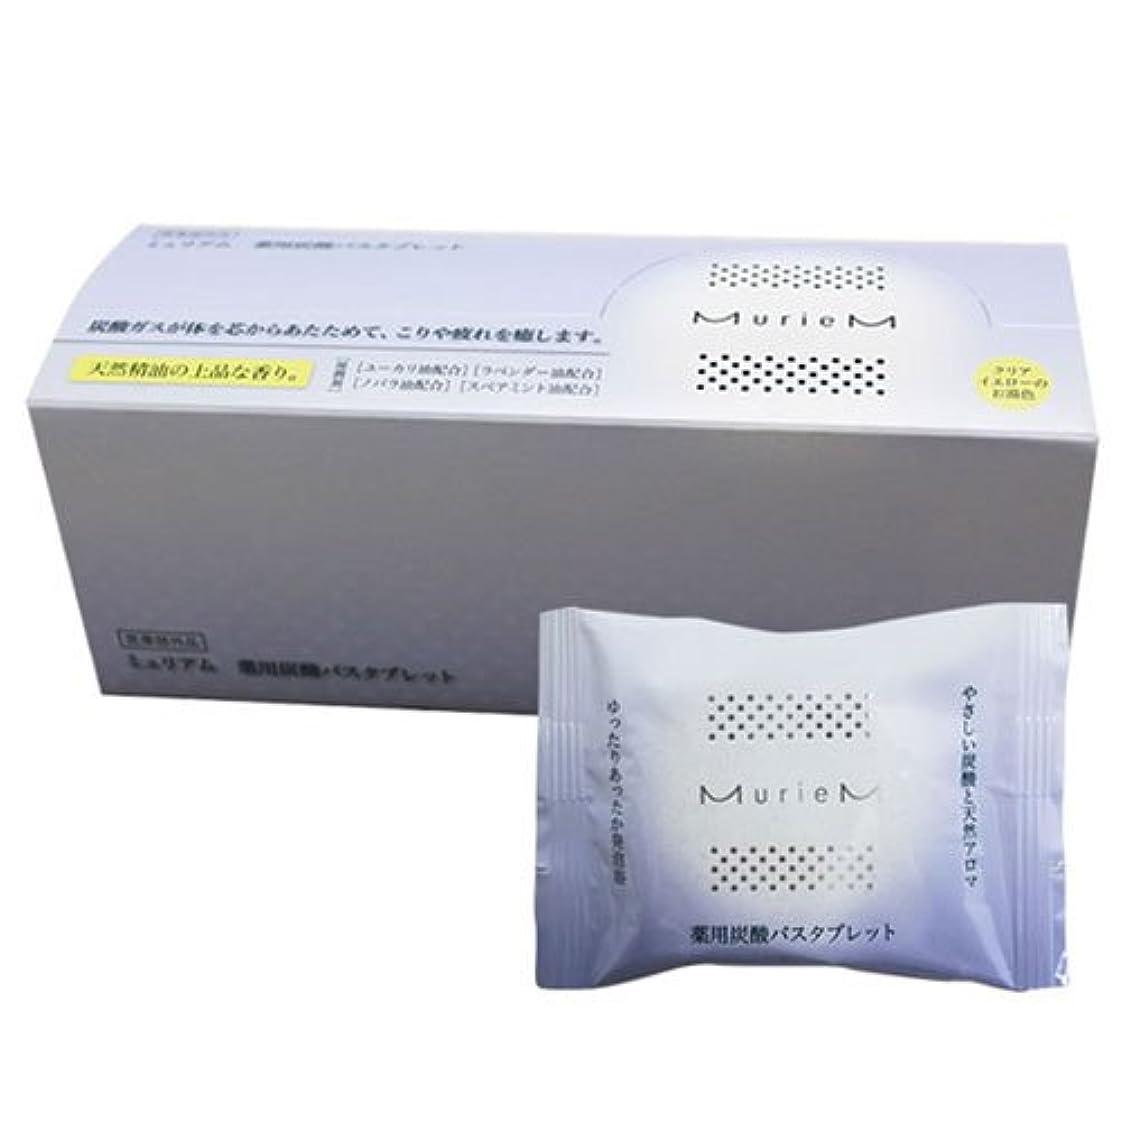 ピンチ師匠木製ナンバースリー ミュリアム 薬用炭酸バスタブレット 30g×10包 [医薬部外品]